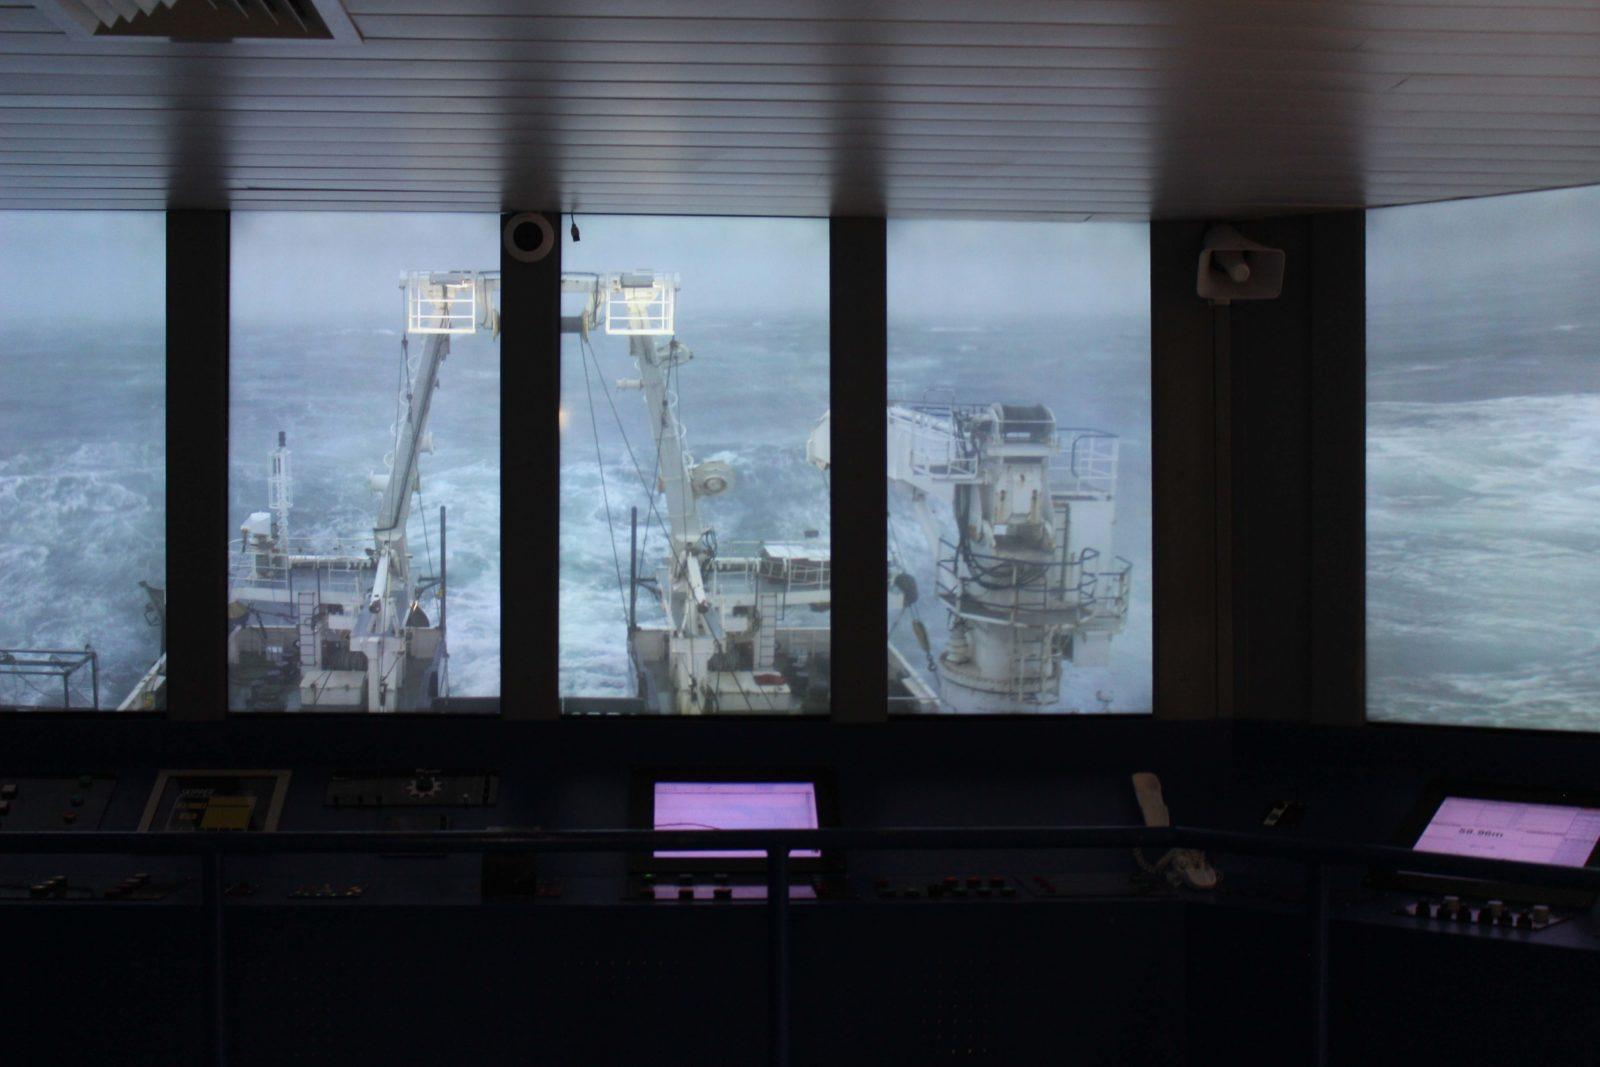 Nausicaa Boulogne sur mer - tempête à bord de la Thalassa